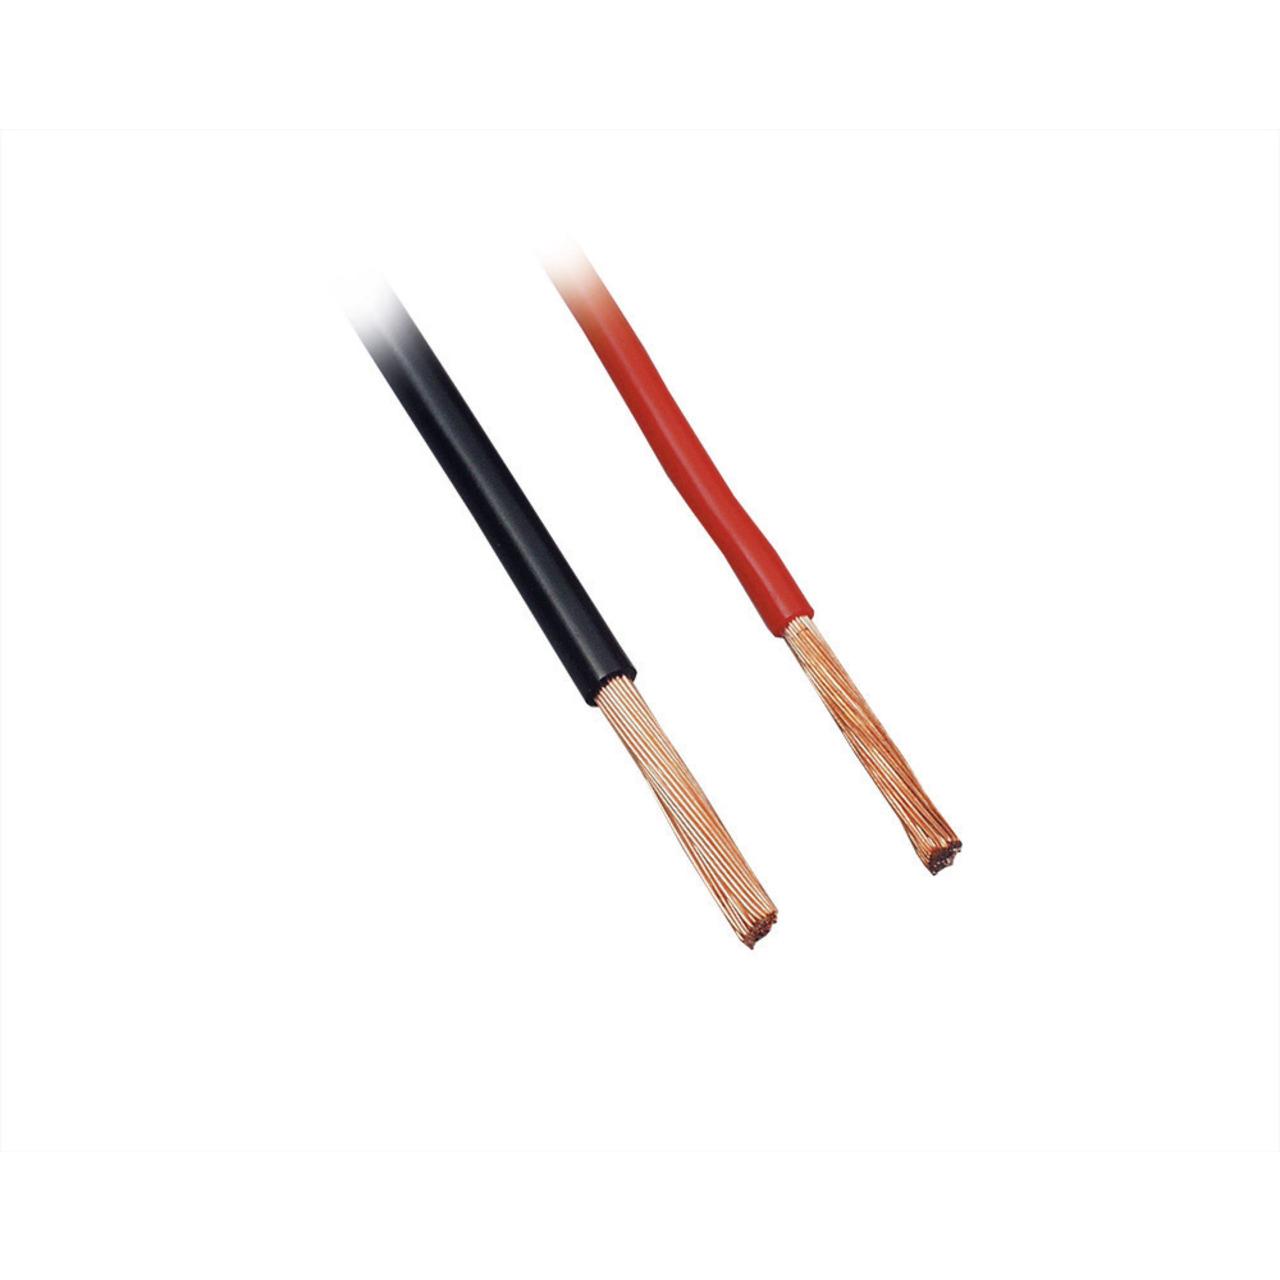 BKL Electronic FLRY Fahrzeugleitung- - 2-20 mm -3-00 mm- (1 x 2-50 mm-)- schwarz- 100m Ring